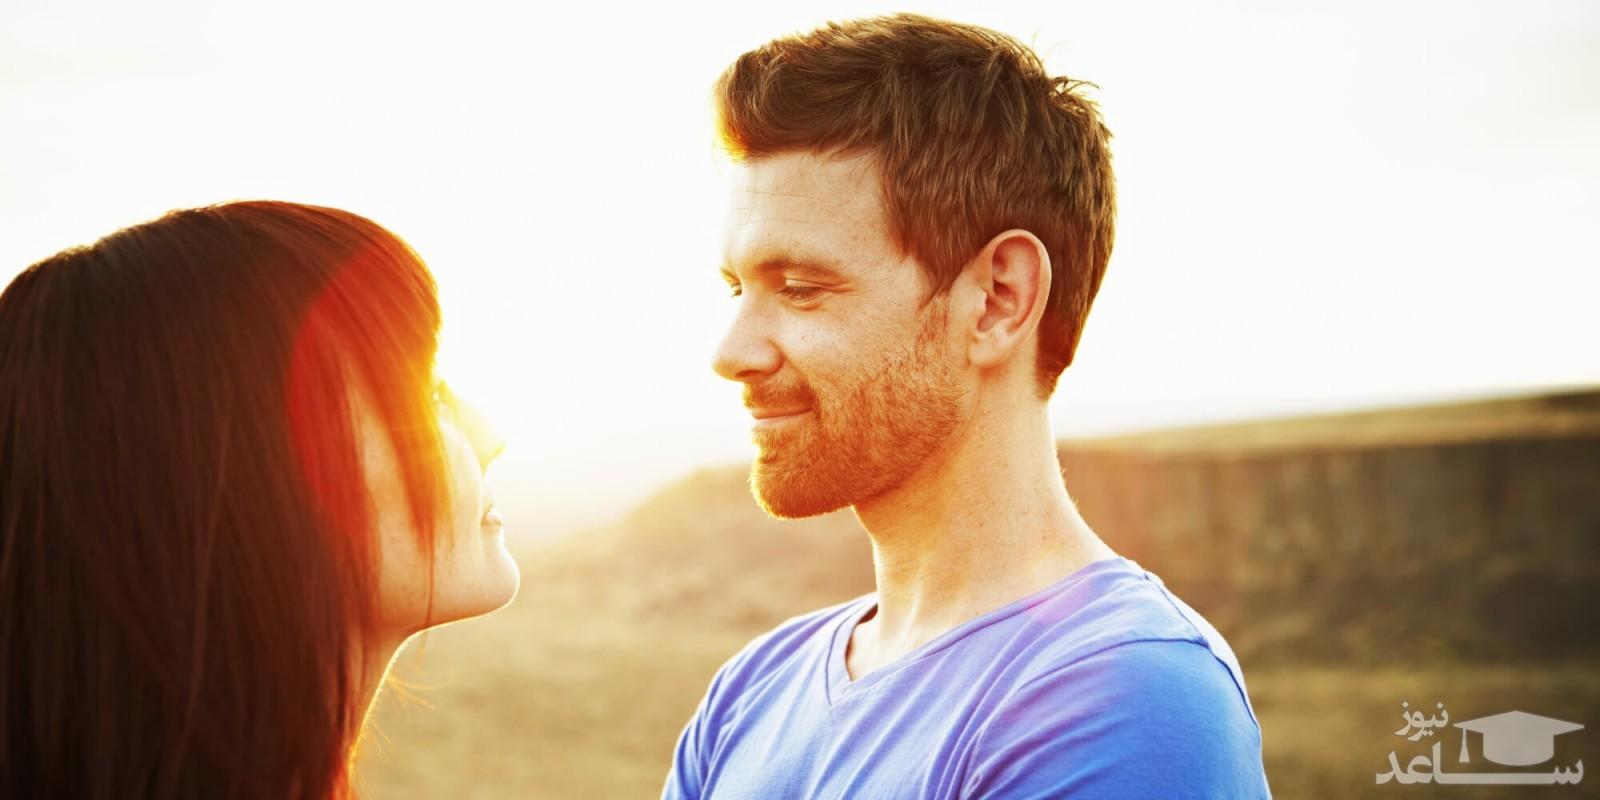 چگونه میتوان فهمید شخصی واقعا عاشق شماست؟